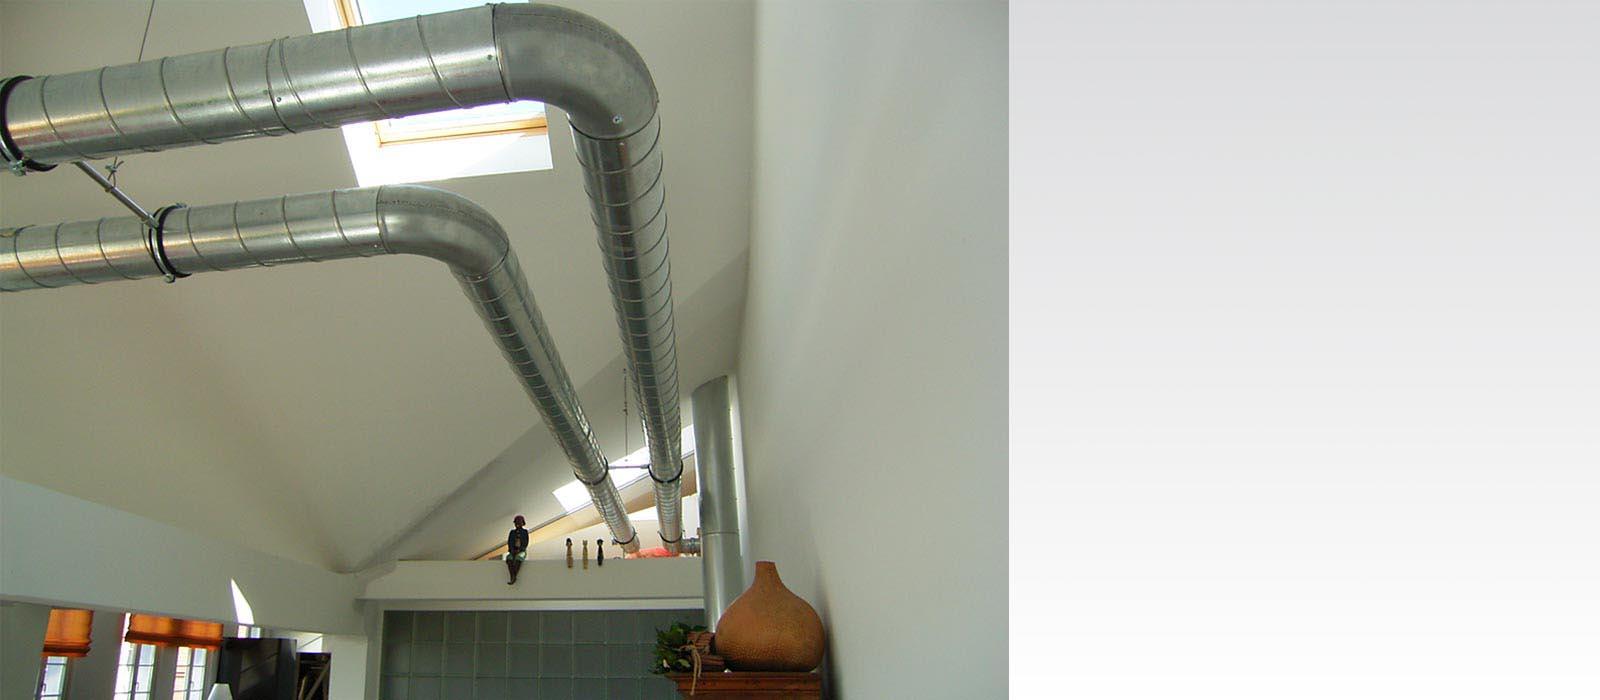 Wundervoll Innenarchitektur Nürnberg Ideen Von Bau Mit Dachterrasse, Nürnberg